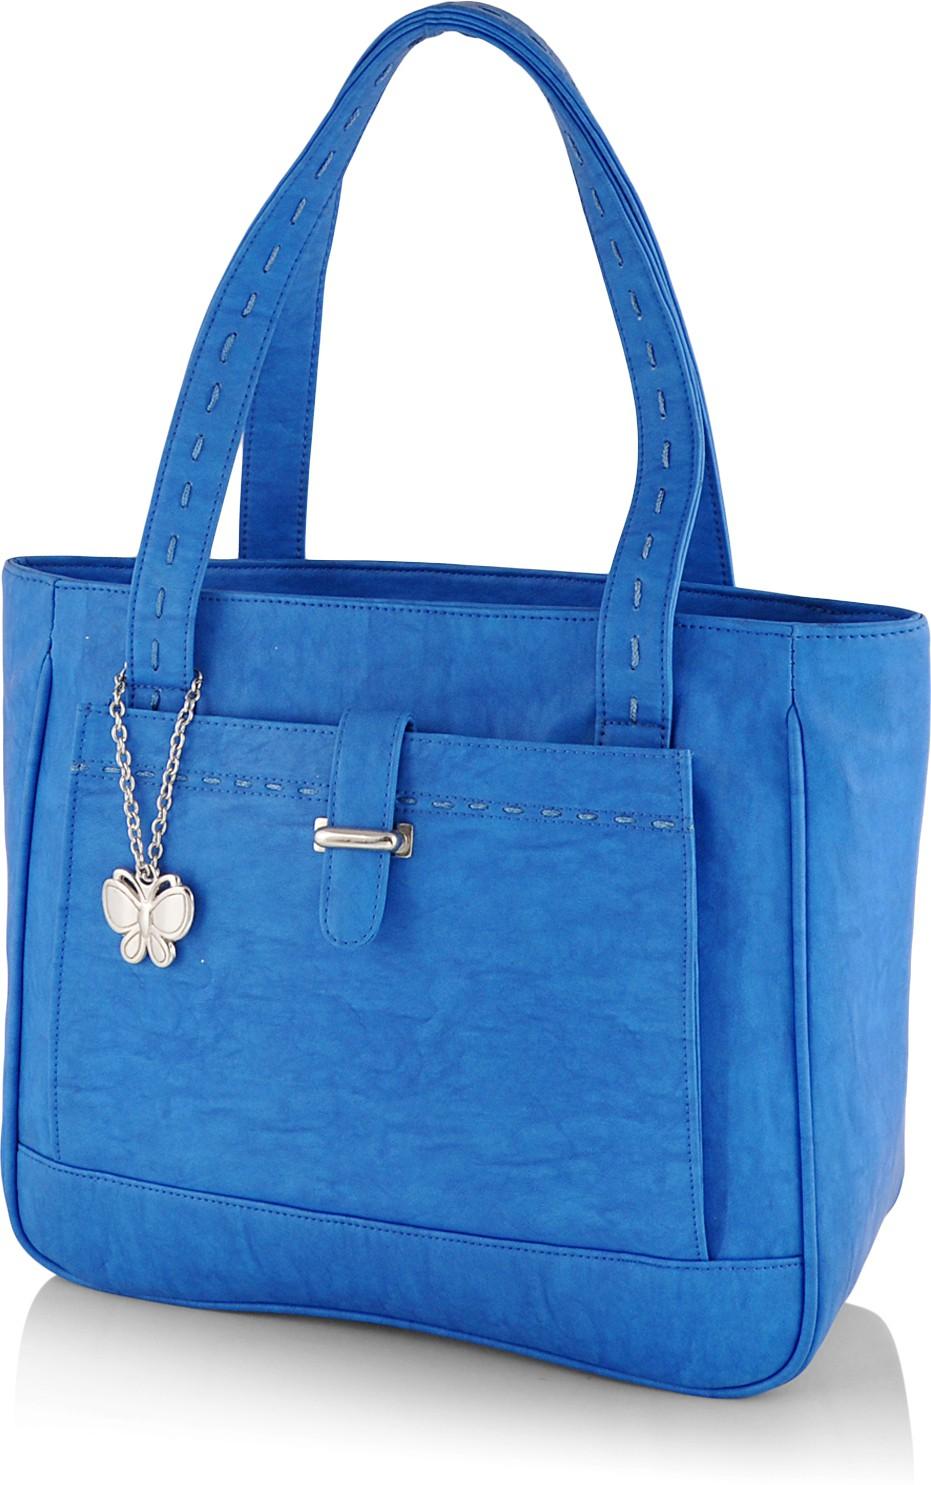 Deals | Butterflies Handbags & Clutches